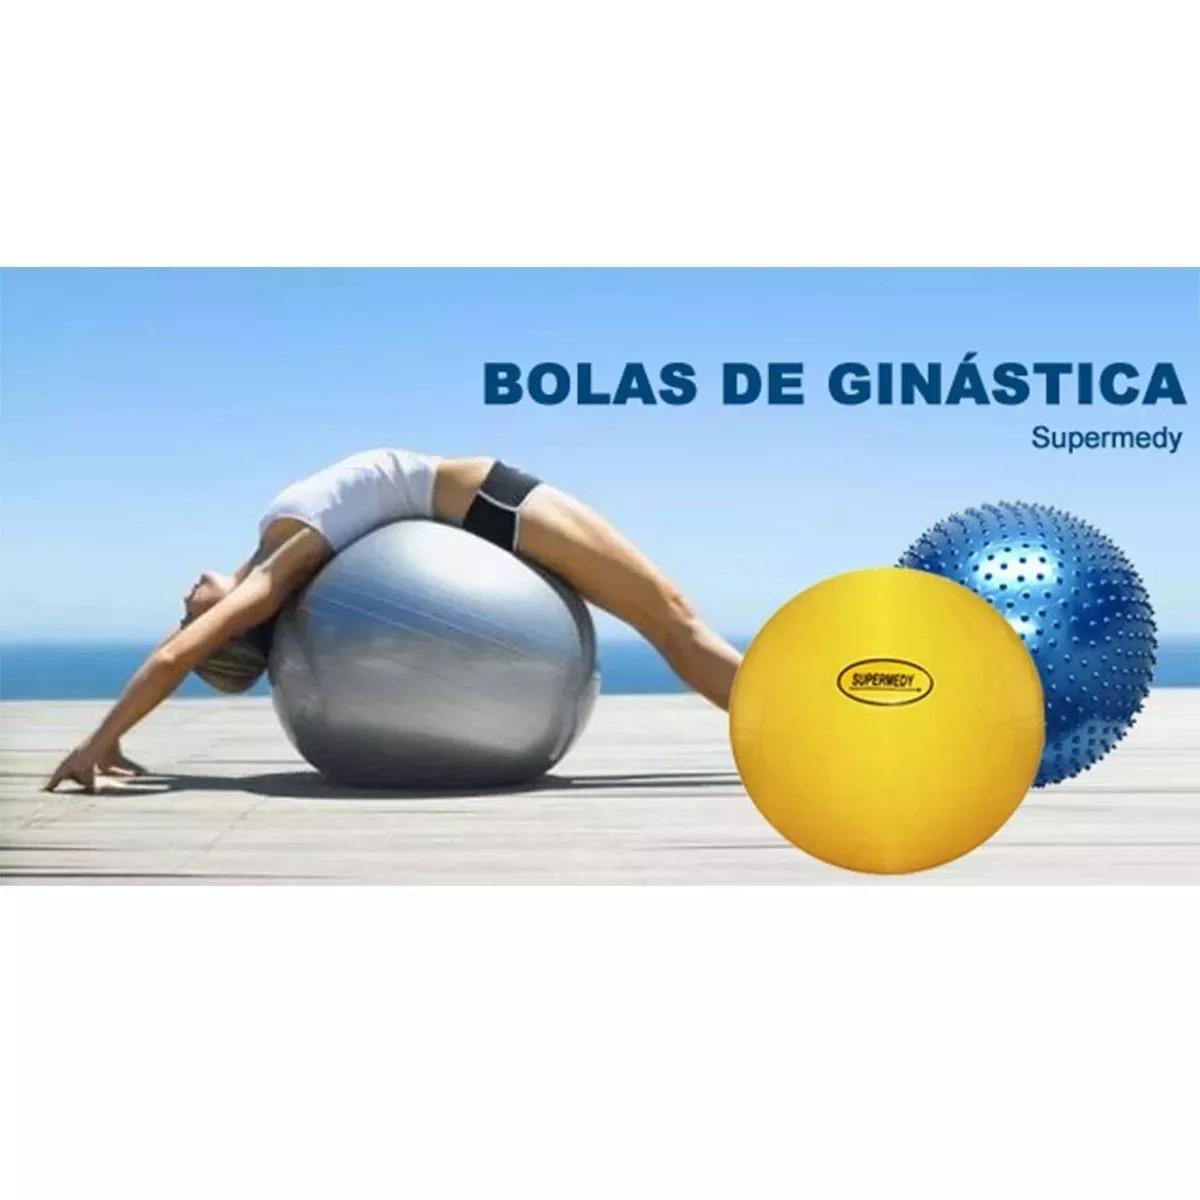 Bola De Ginastica 75 Cm C  Bomba Para Inflar Supermedy - R  78 209d9752941bc